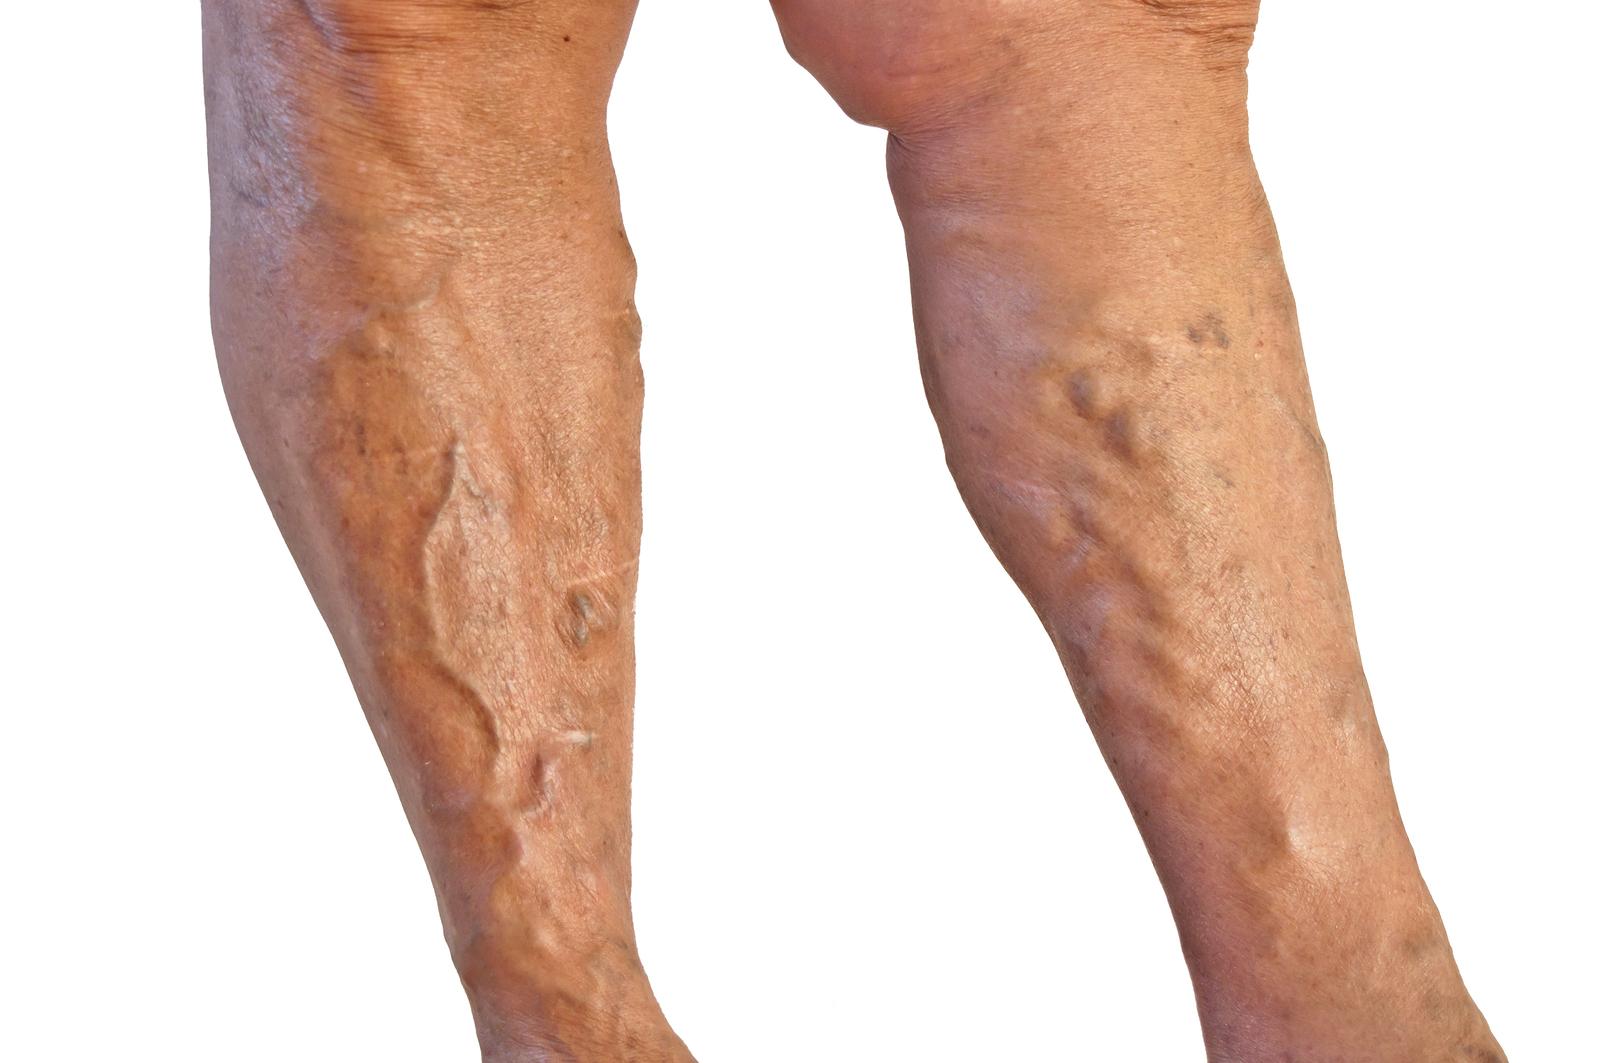 image of varicose veins